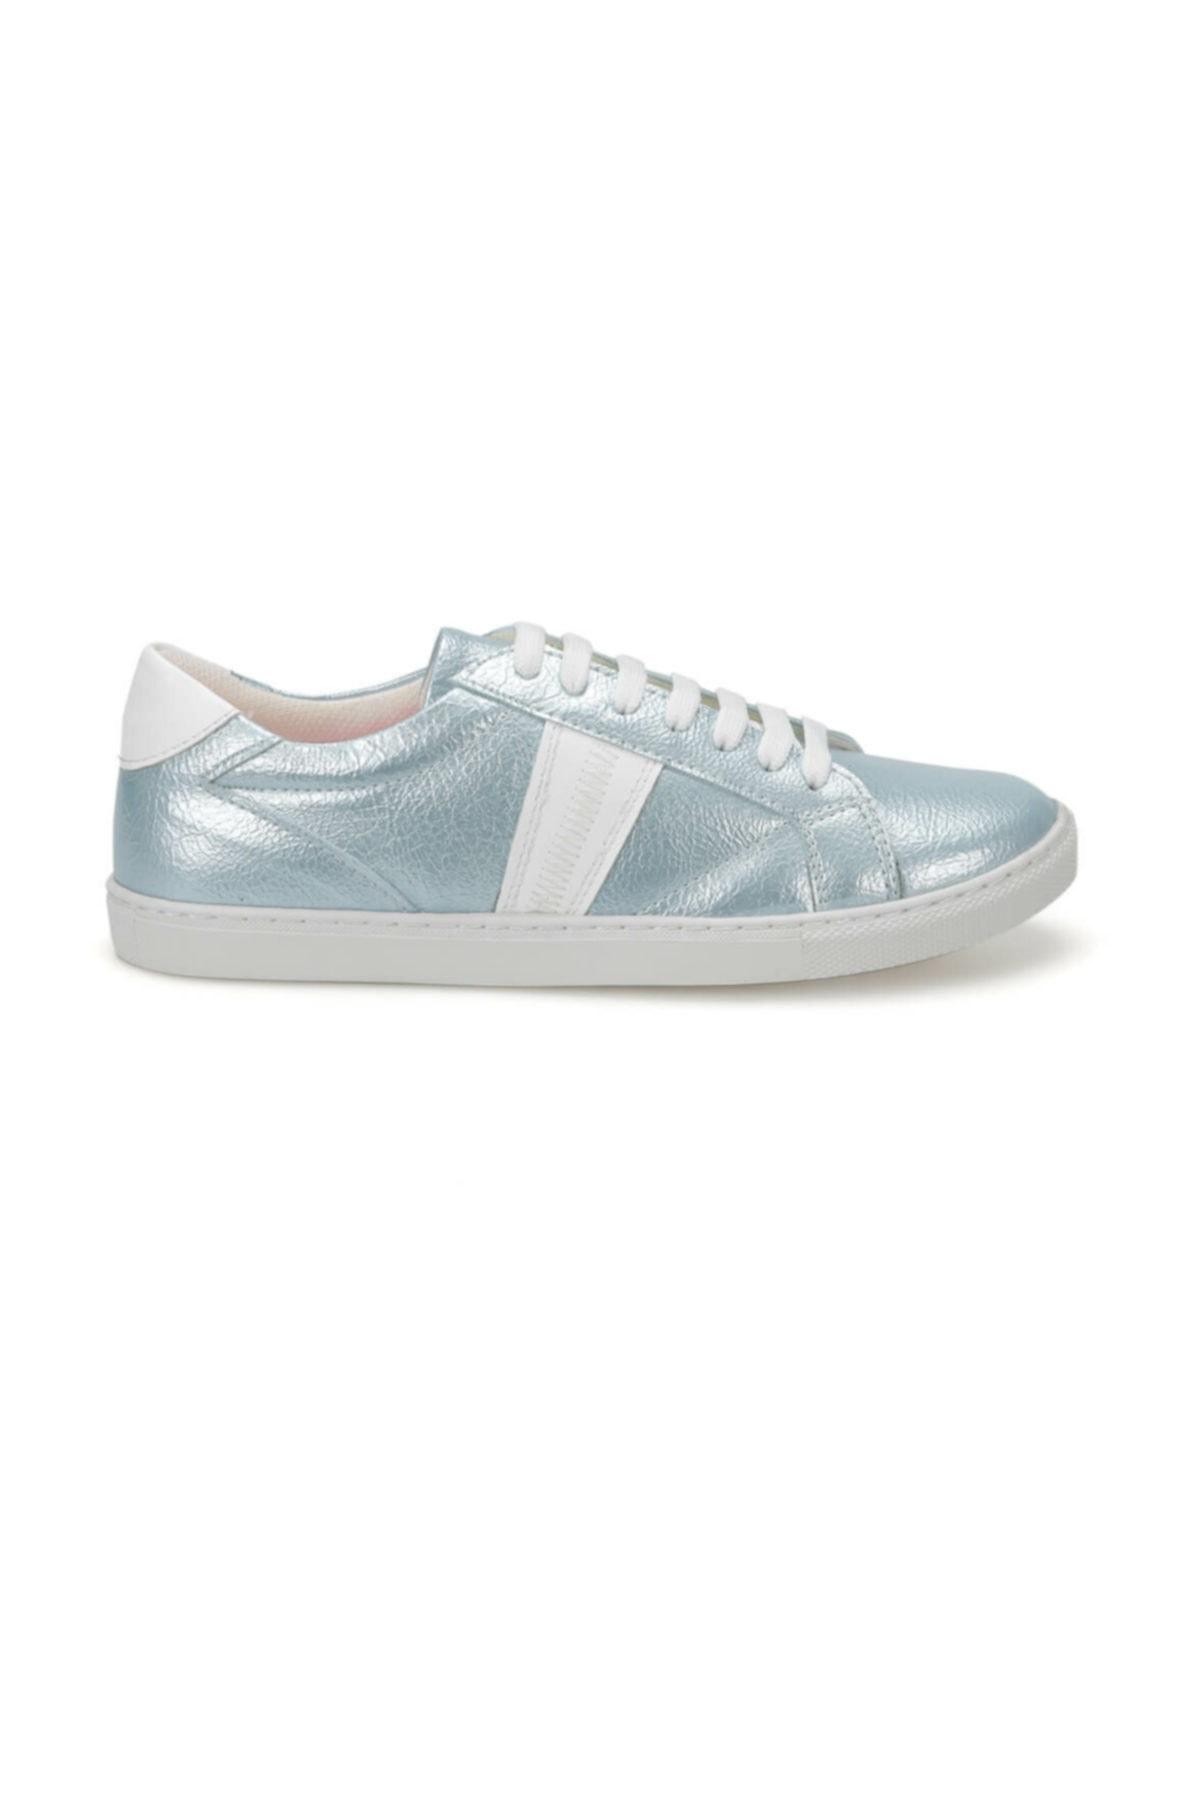 ART BELLA CS19159 Açık Mavi Kadın Sneaker Ayakkabı 1